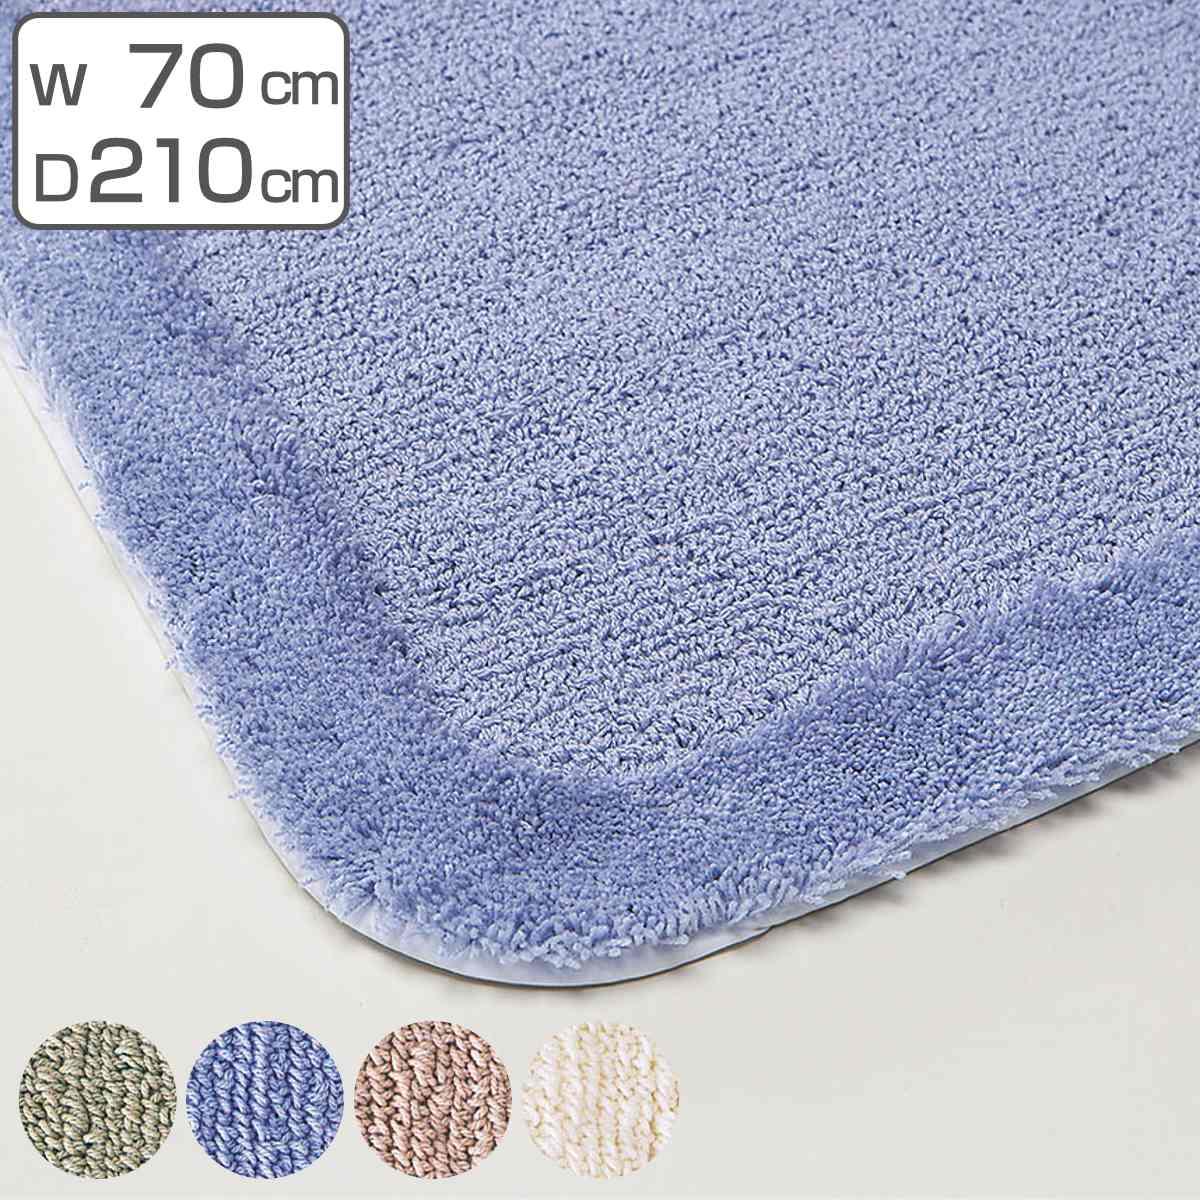 バスマット業務用 吸水ループパイル ノンスリップ抗菌仕様 70×210  ( 足拭き 風呂マット 送料無料 )